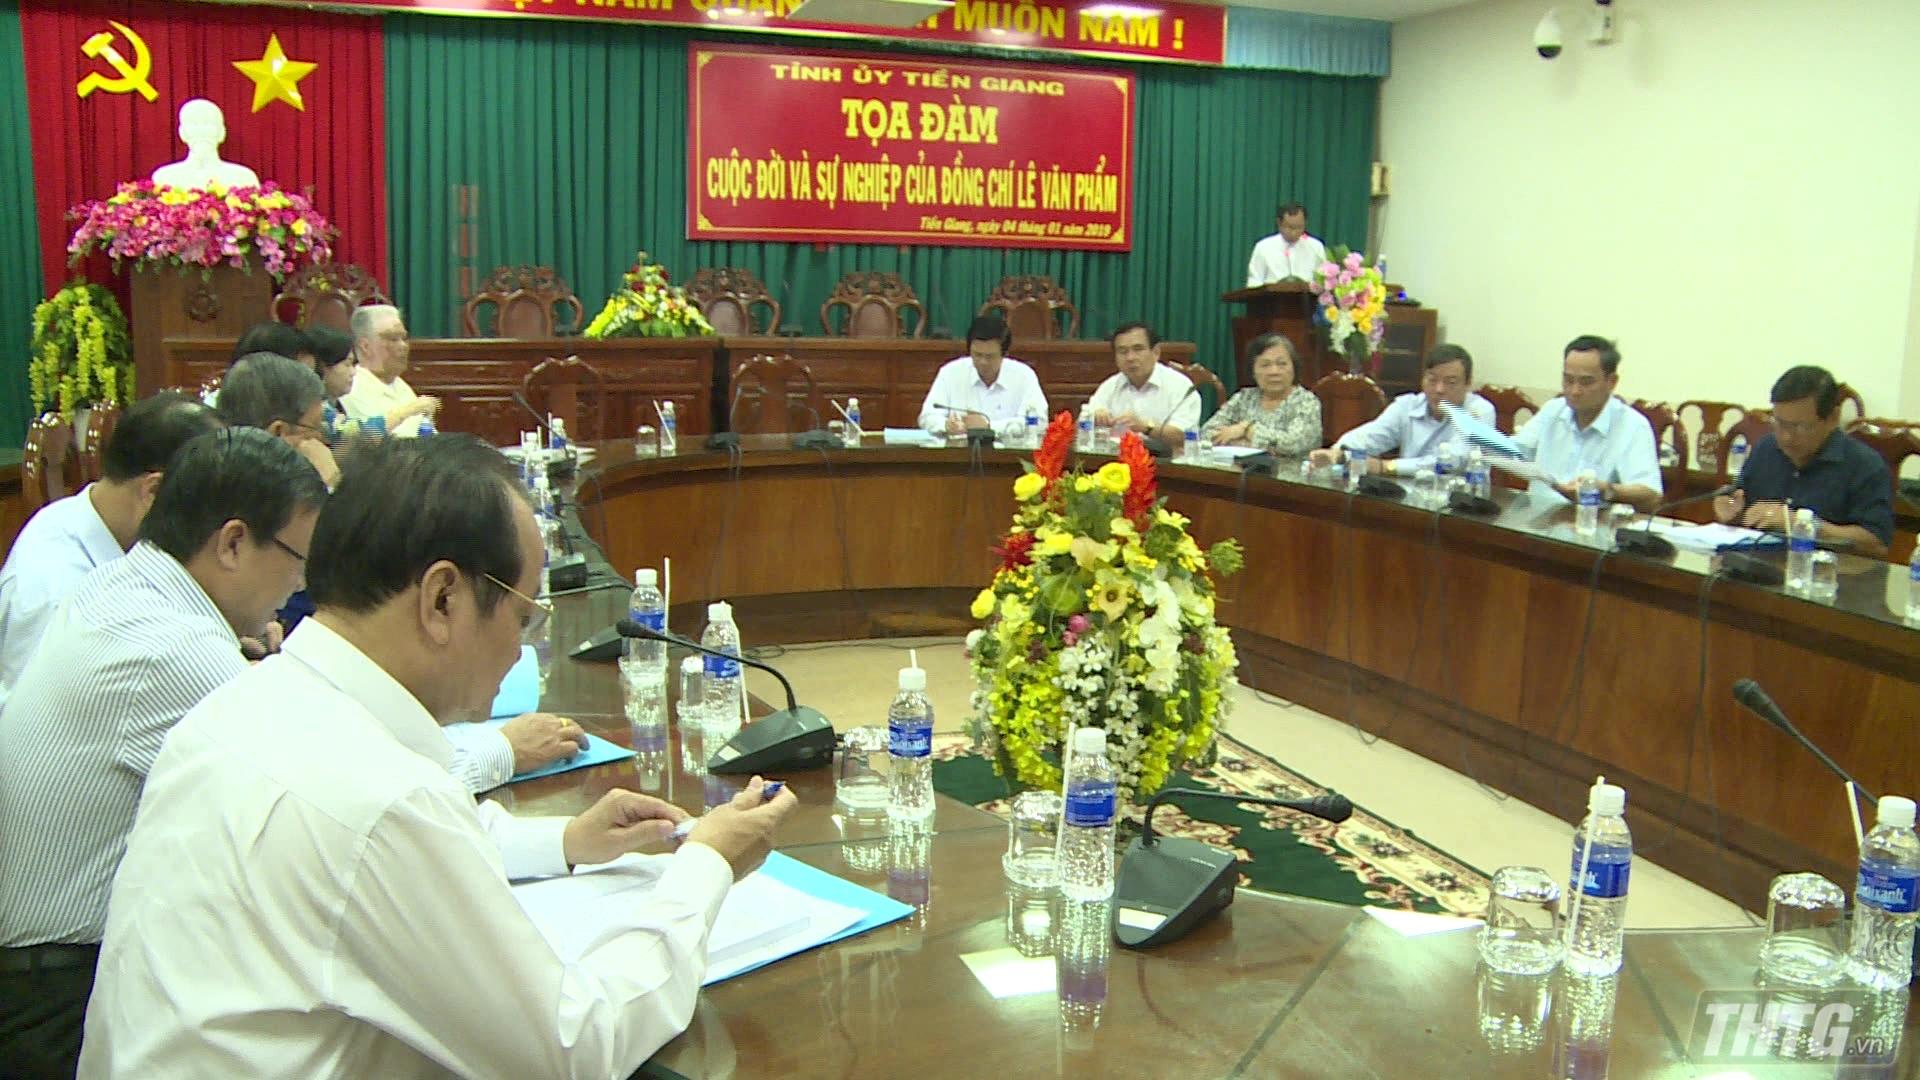 Tọa đàm về cuộc đời và sự nghiệp đồng chí Lê Văn Phẩm – Nguyên Bí thư Tỉnh ủy tỉnh Tiền Giang